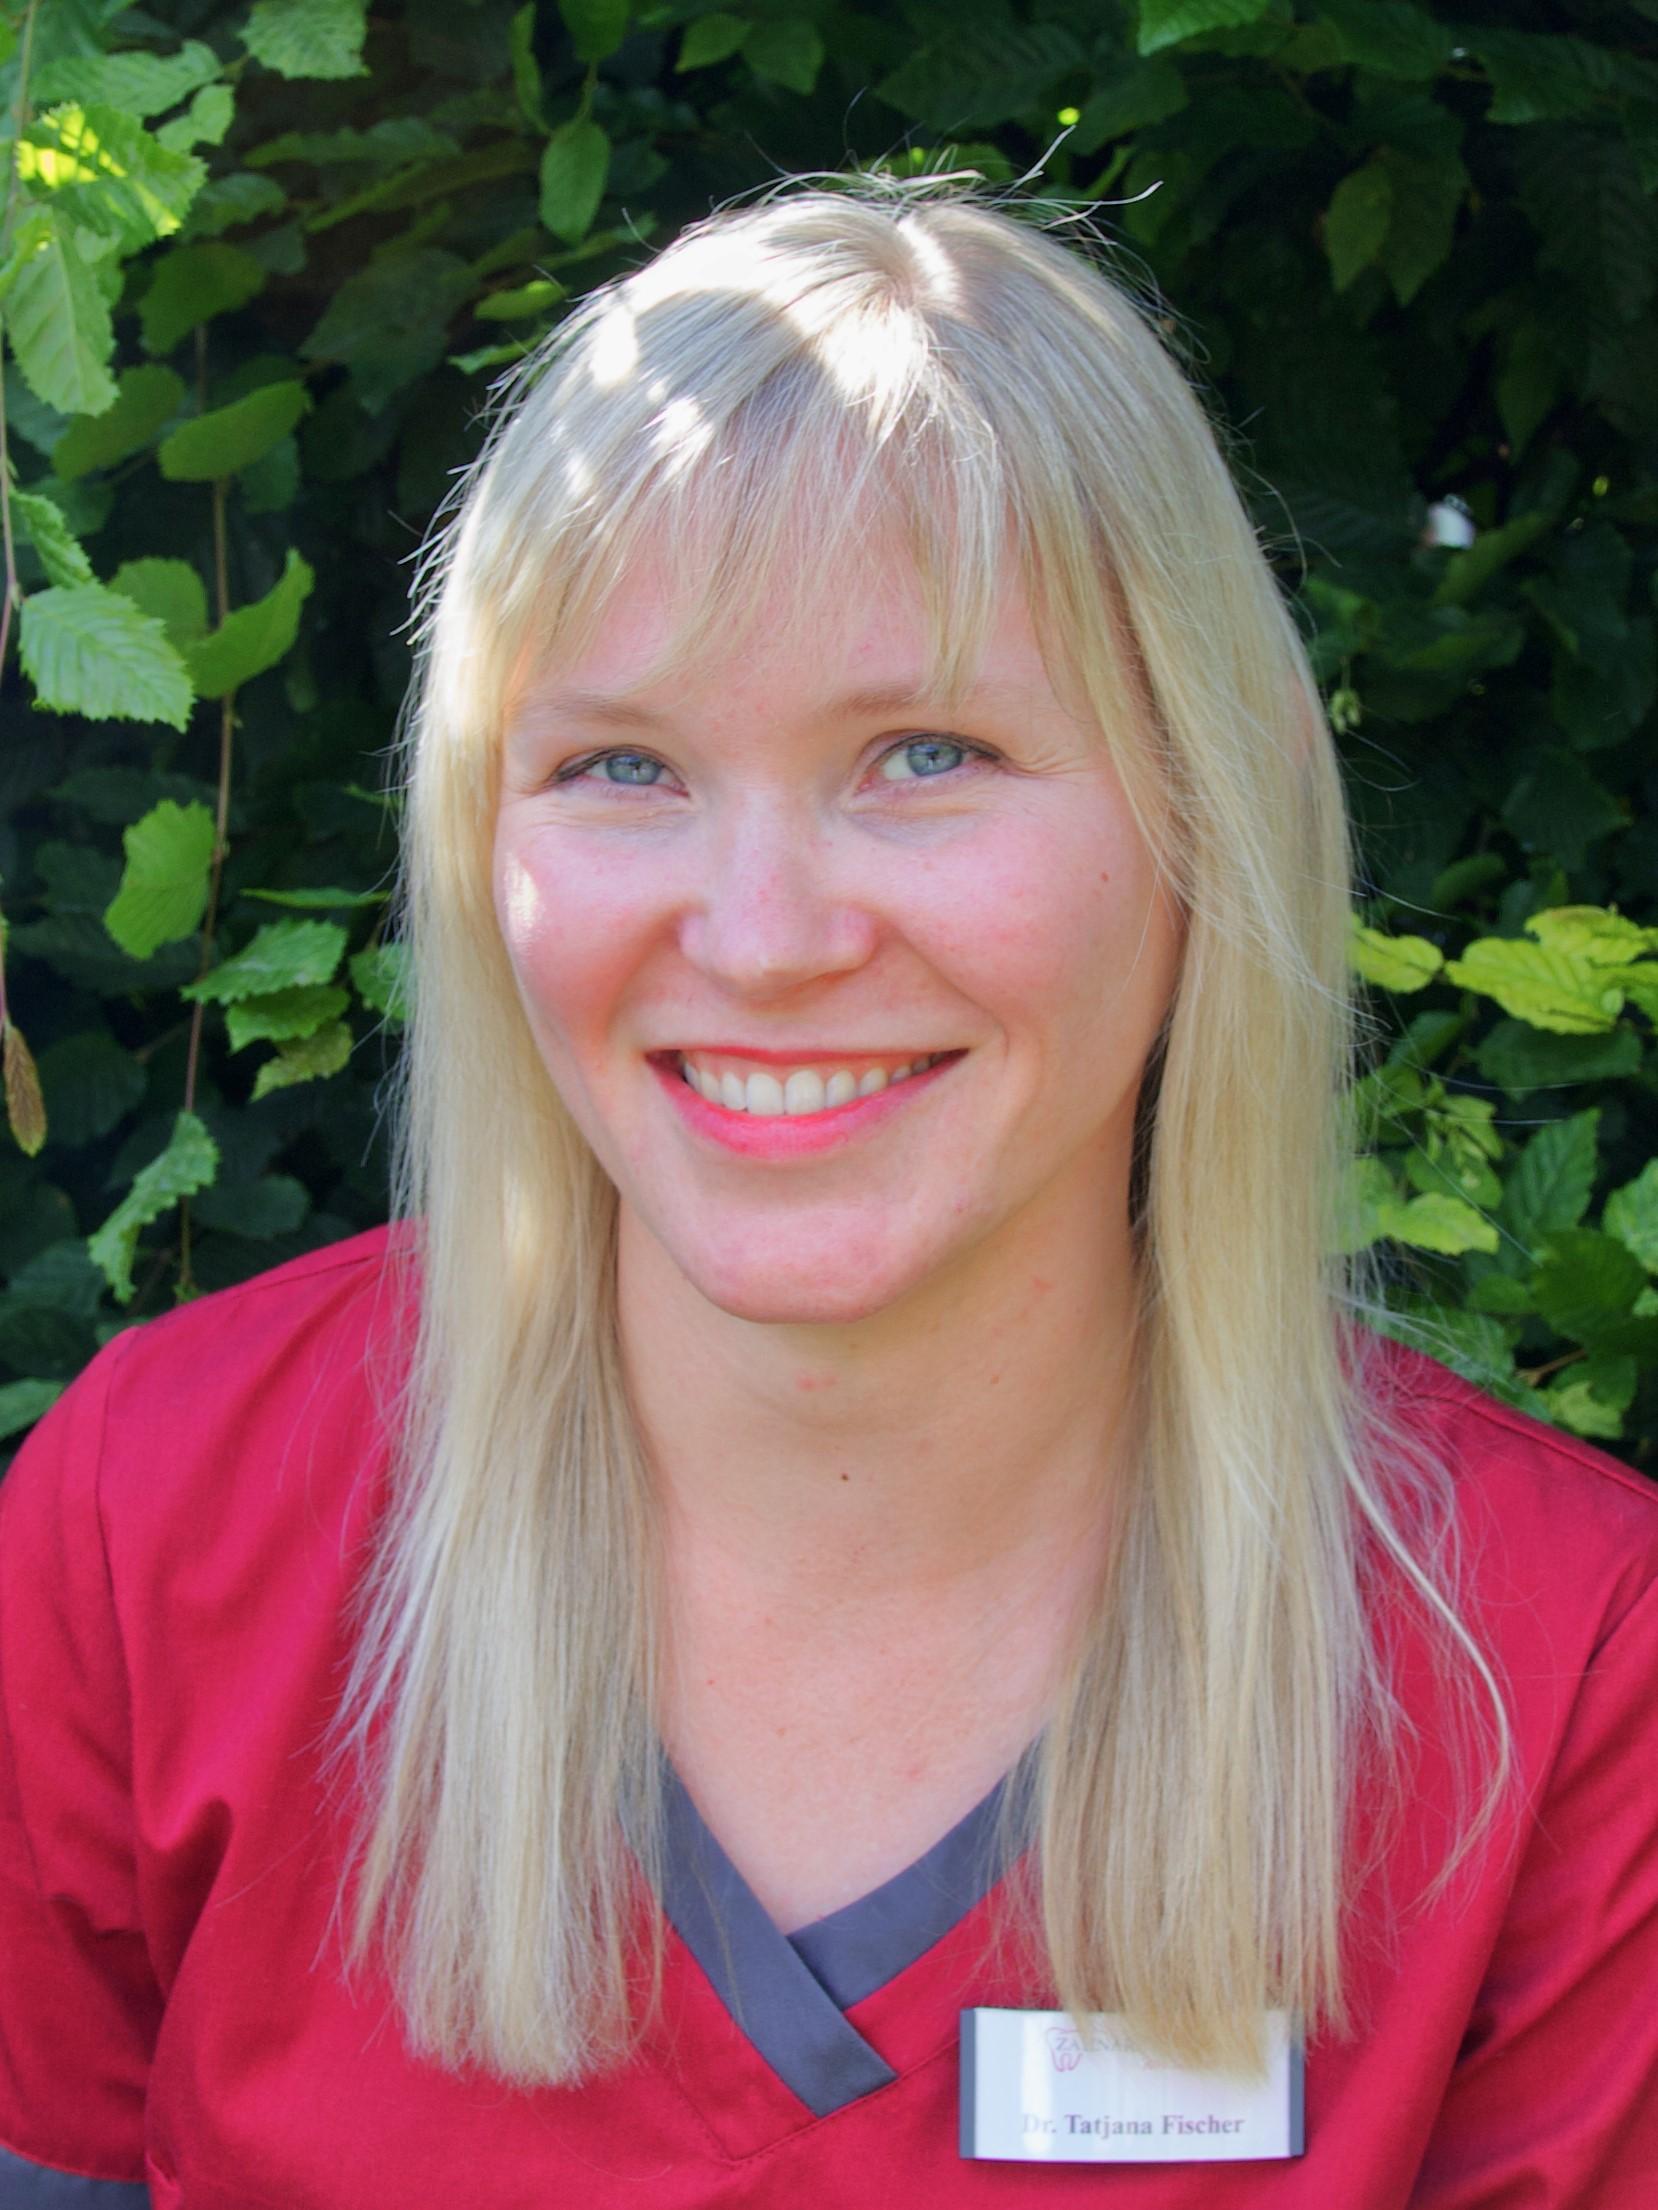 Dr. Tatjana Fischer